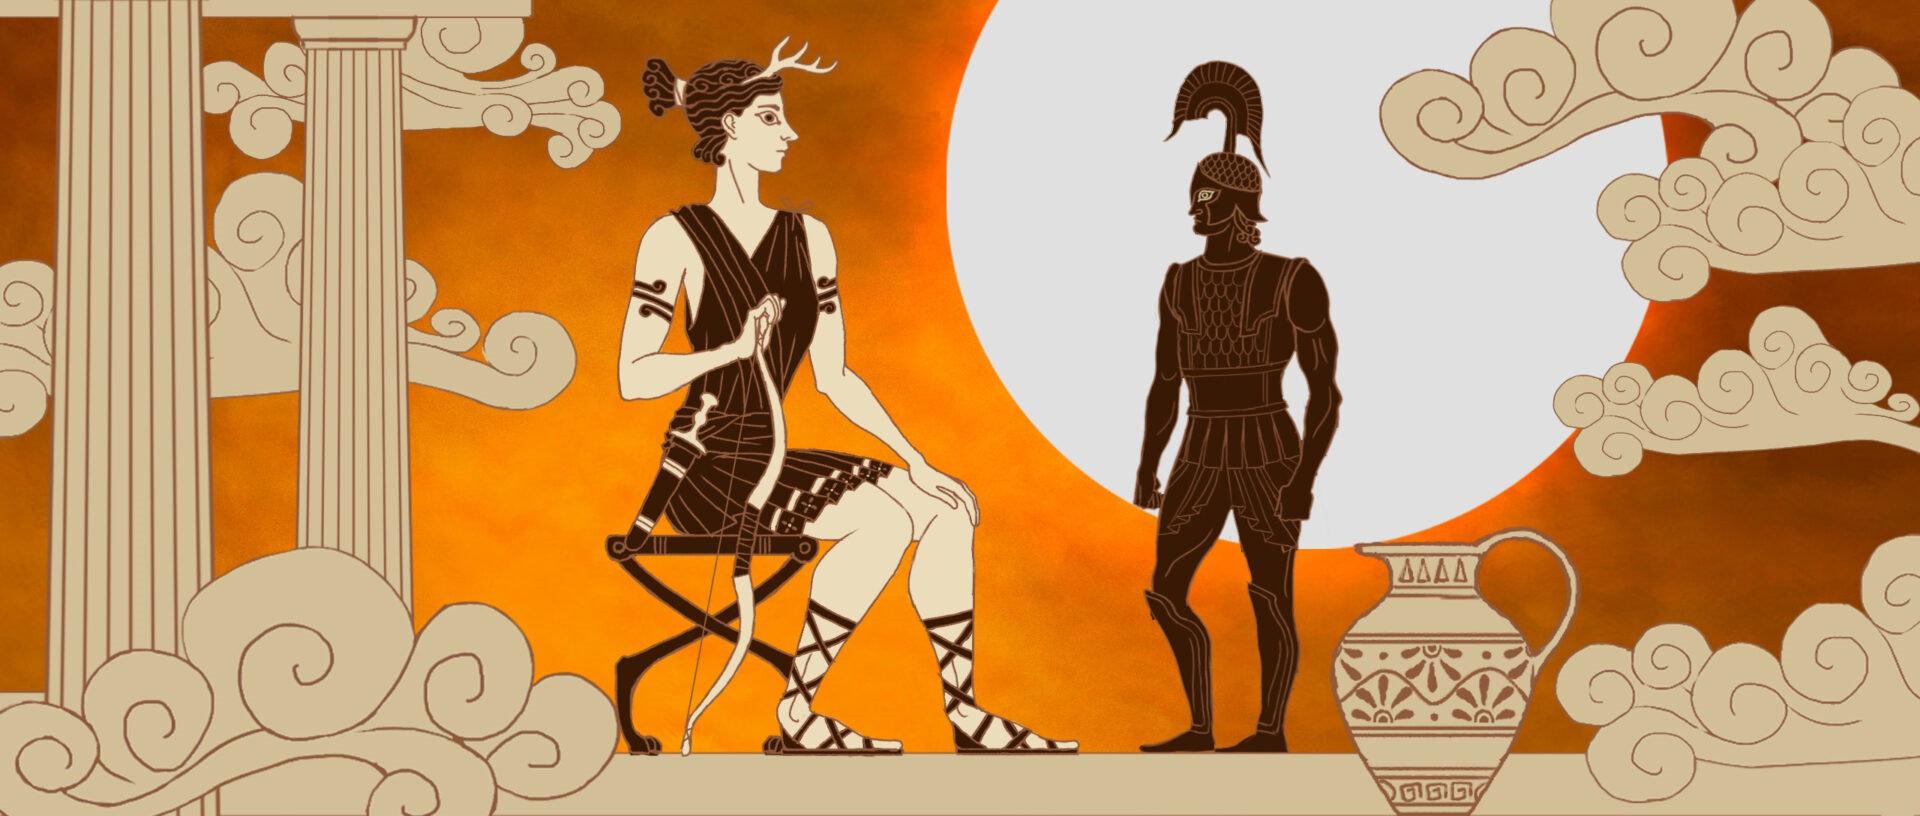 《全战传奇:特洛伊》更新拍照模式 用游戏镜头捕获希腊风光